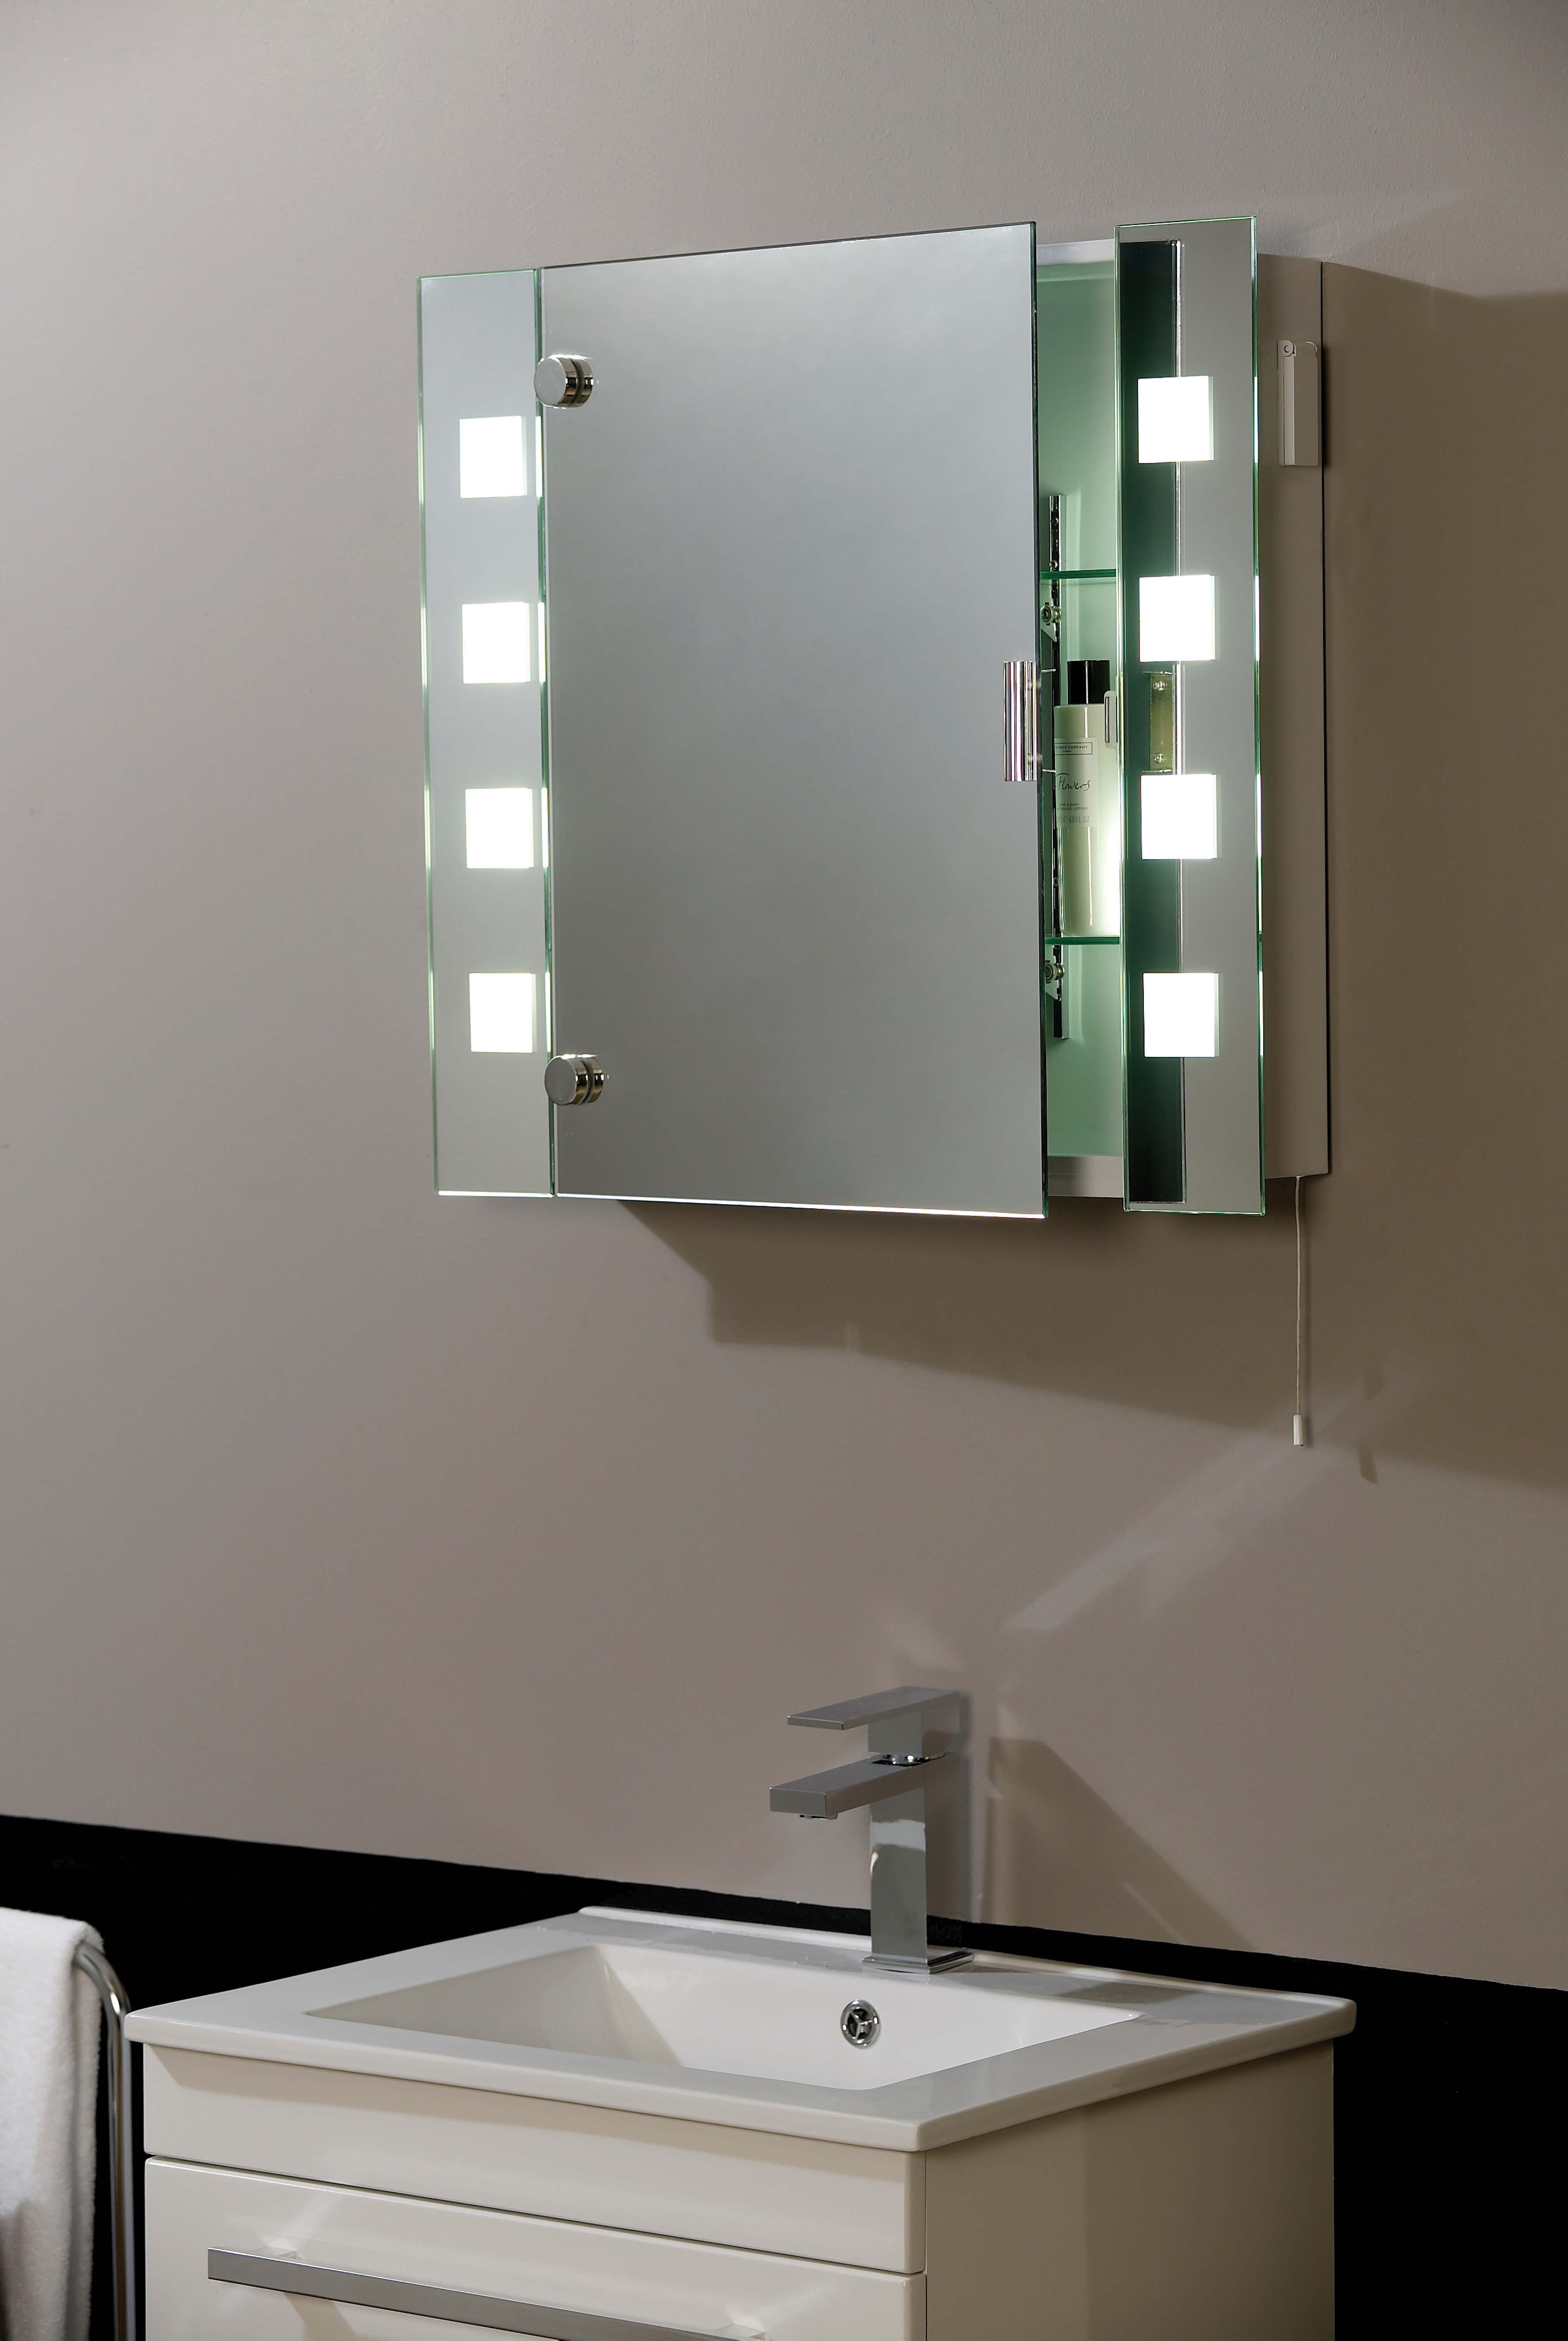 Meuble Elmo Salle A Manger Élégant Images Meuble Salle De Bain Avec Miroir Unique Miroir Lumineux Salle De